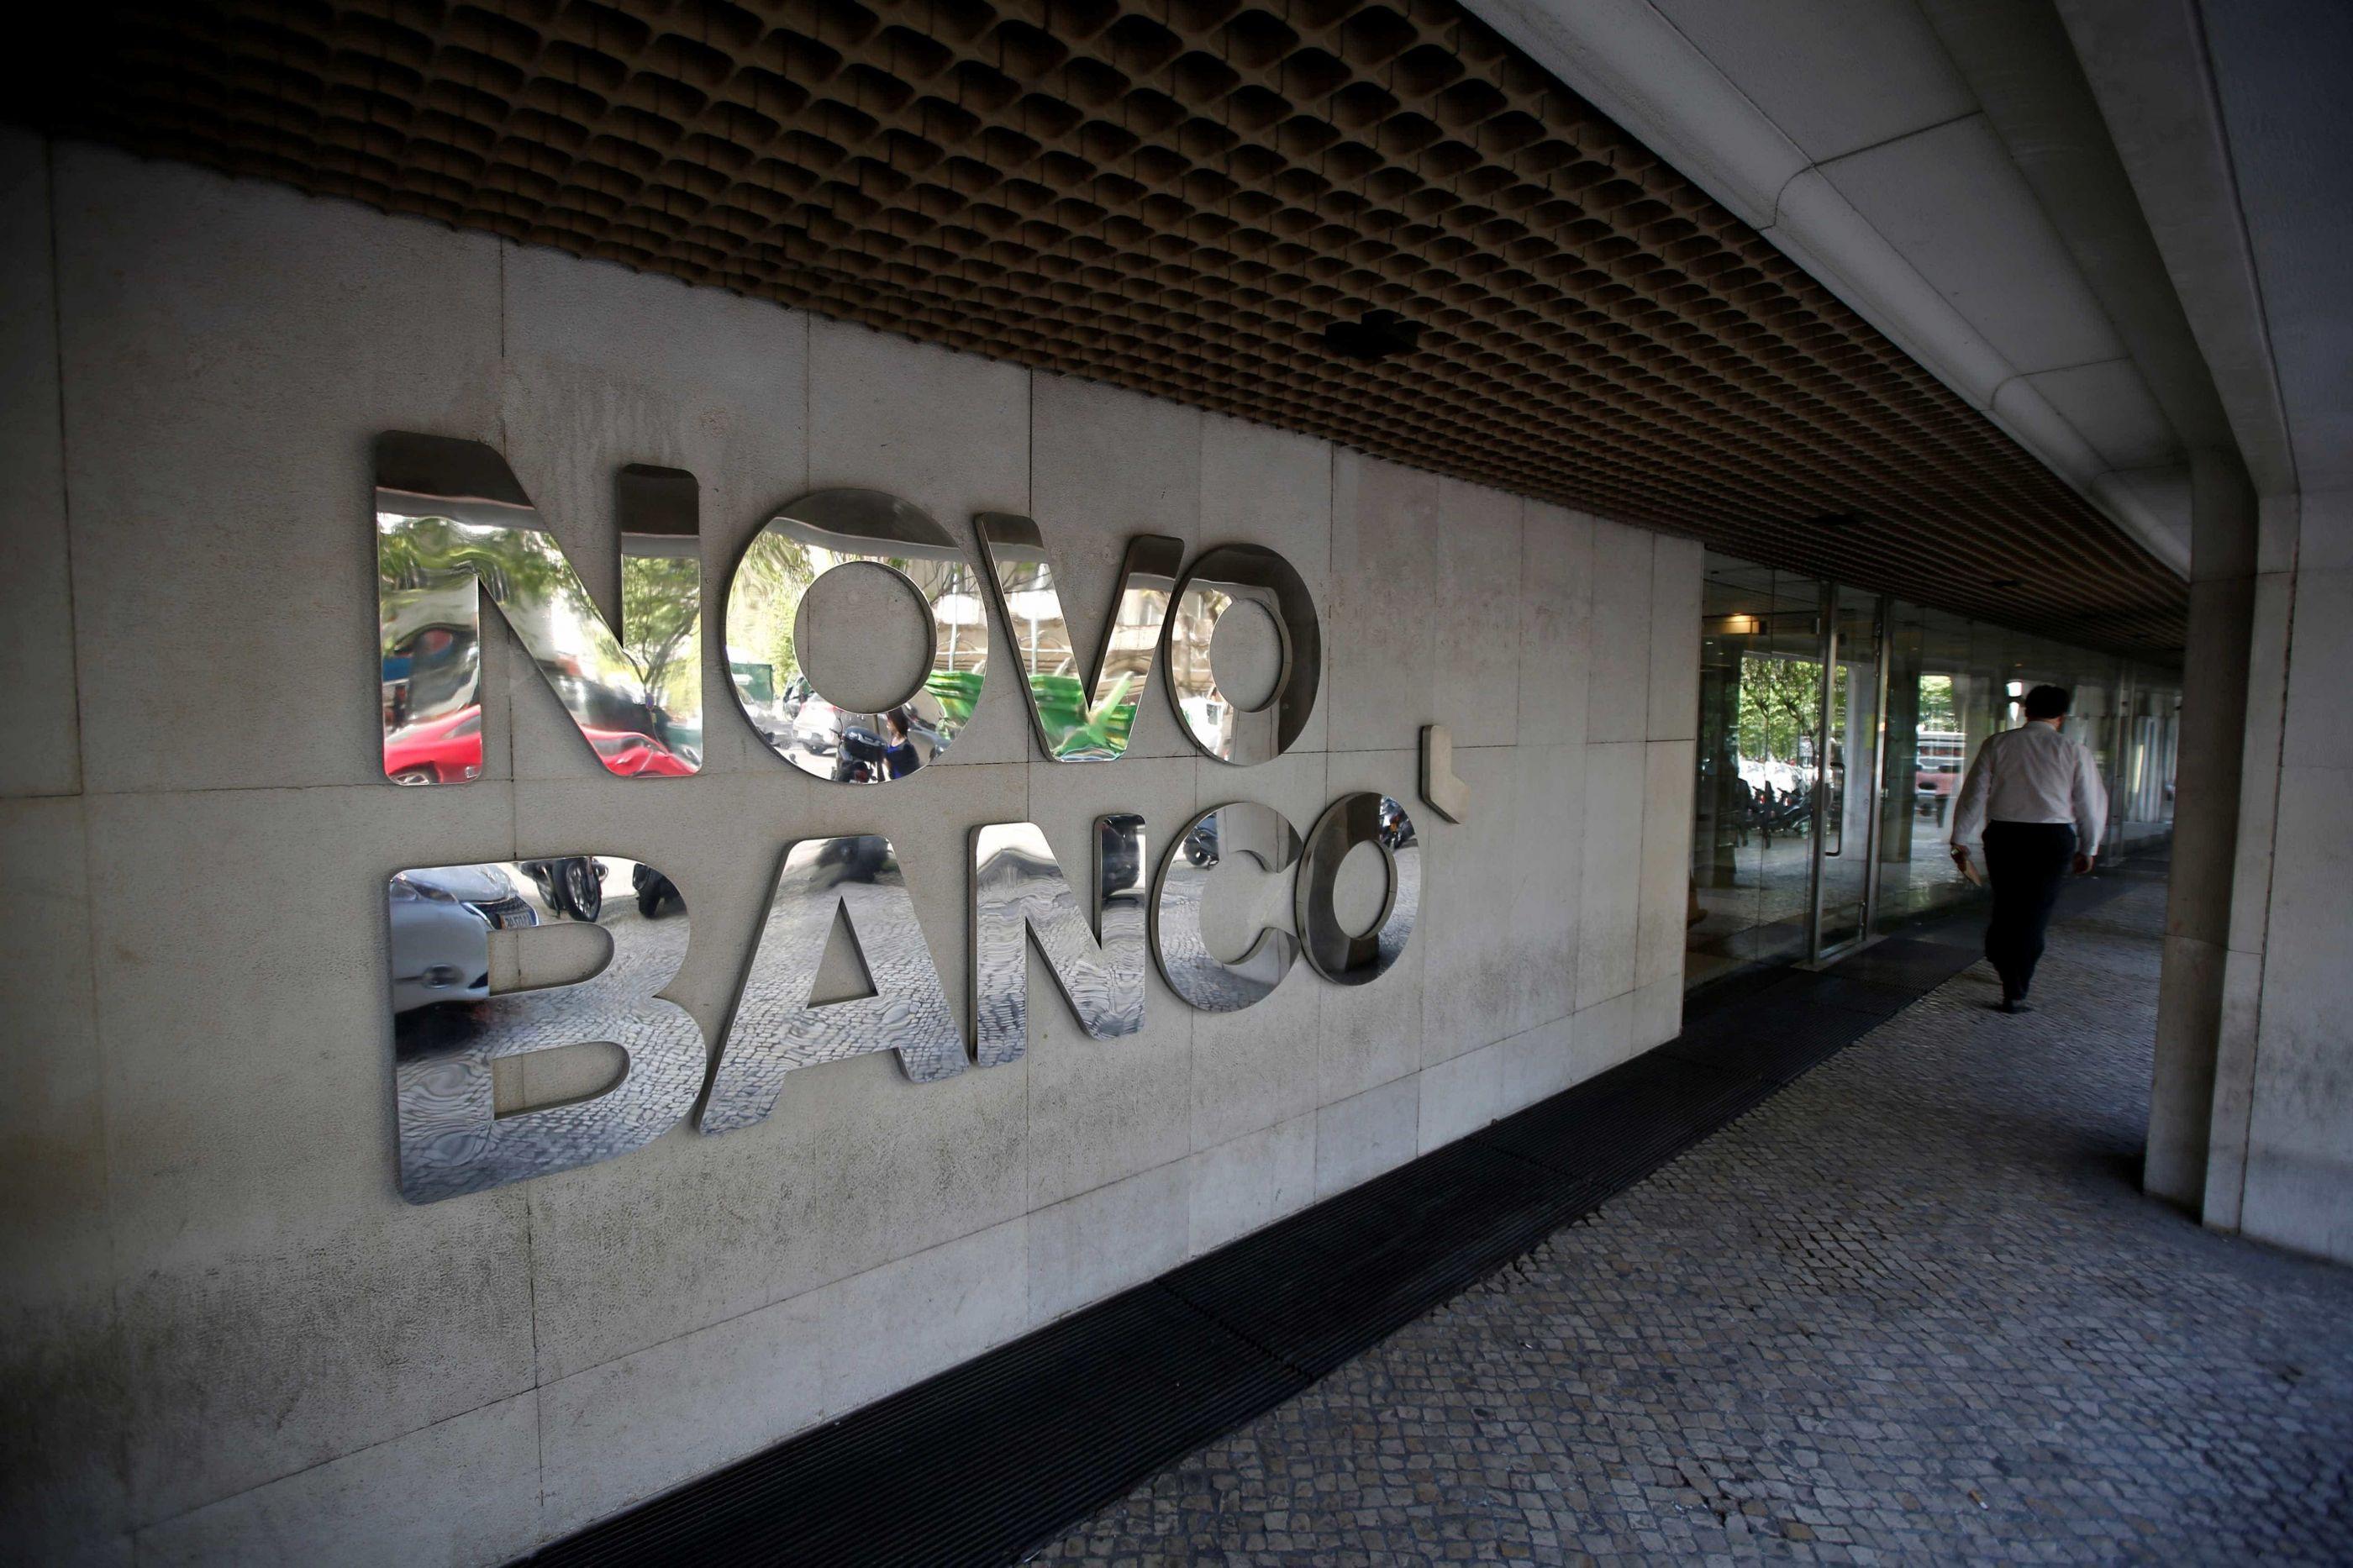 Novo Banco: PS defende auditoria e exige esclarecimentos